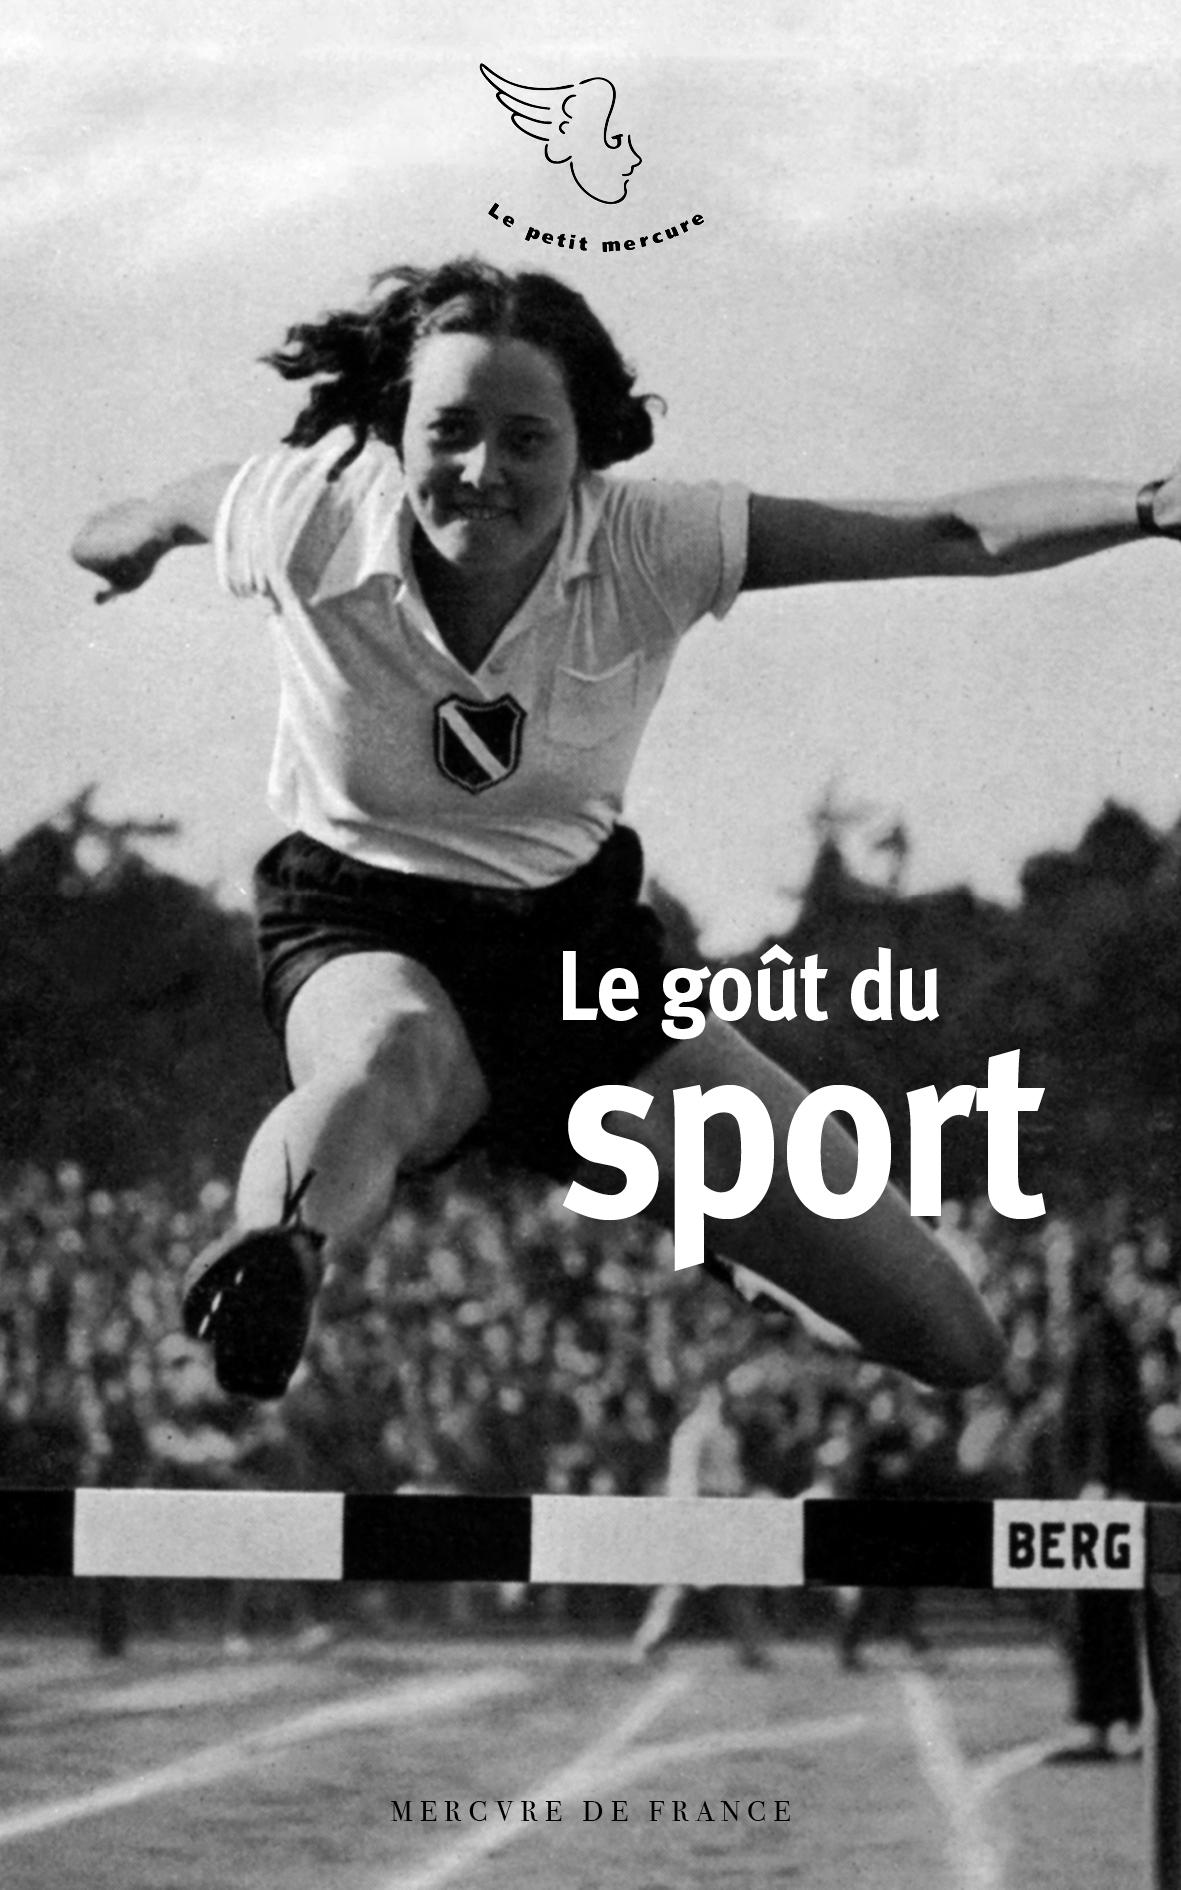 Mercure - Le gout du sport - 000074 1727 - 14-04-2020